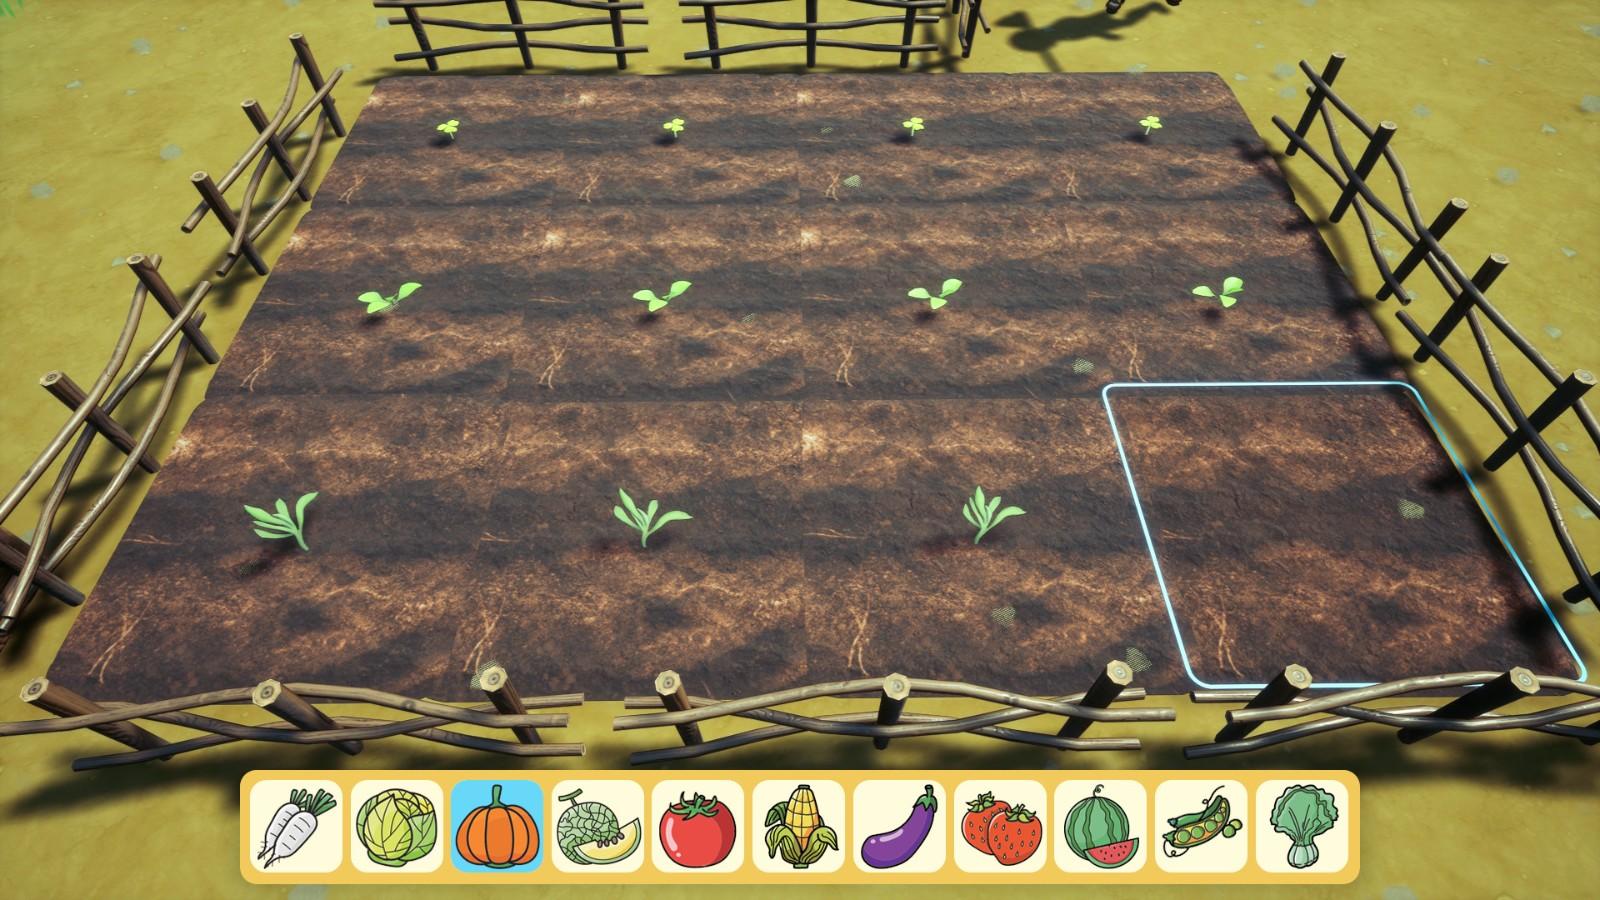 开放世界模拟游戏《梦境彼方:乡村生活》2022年登陆Steam